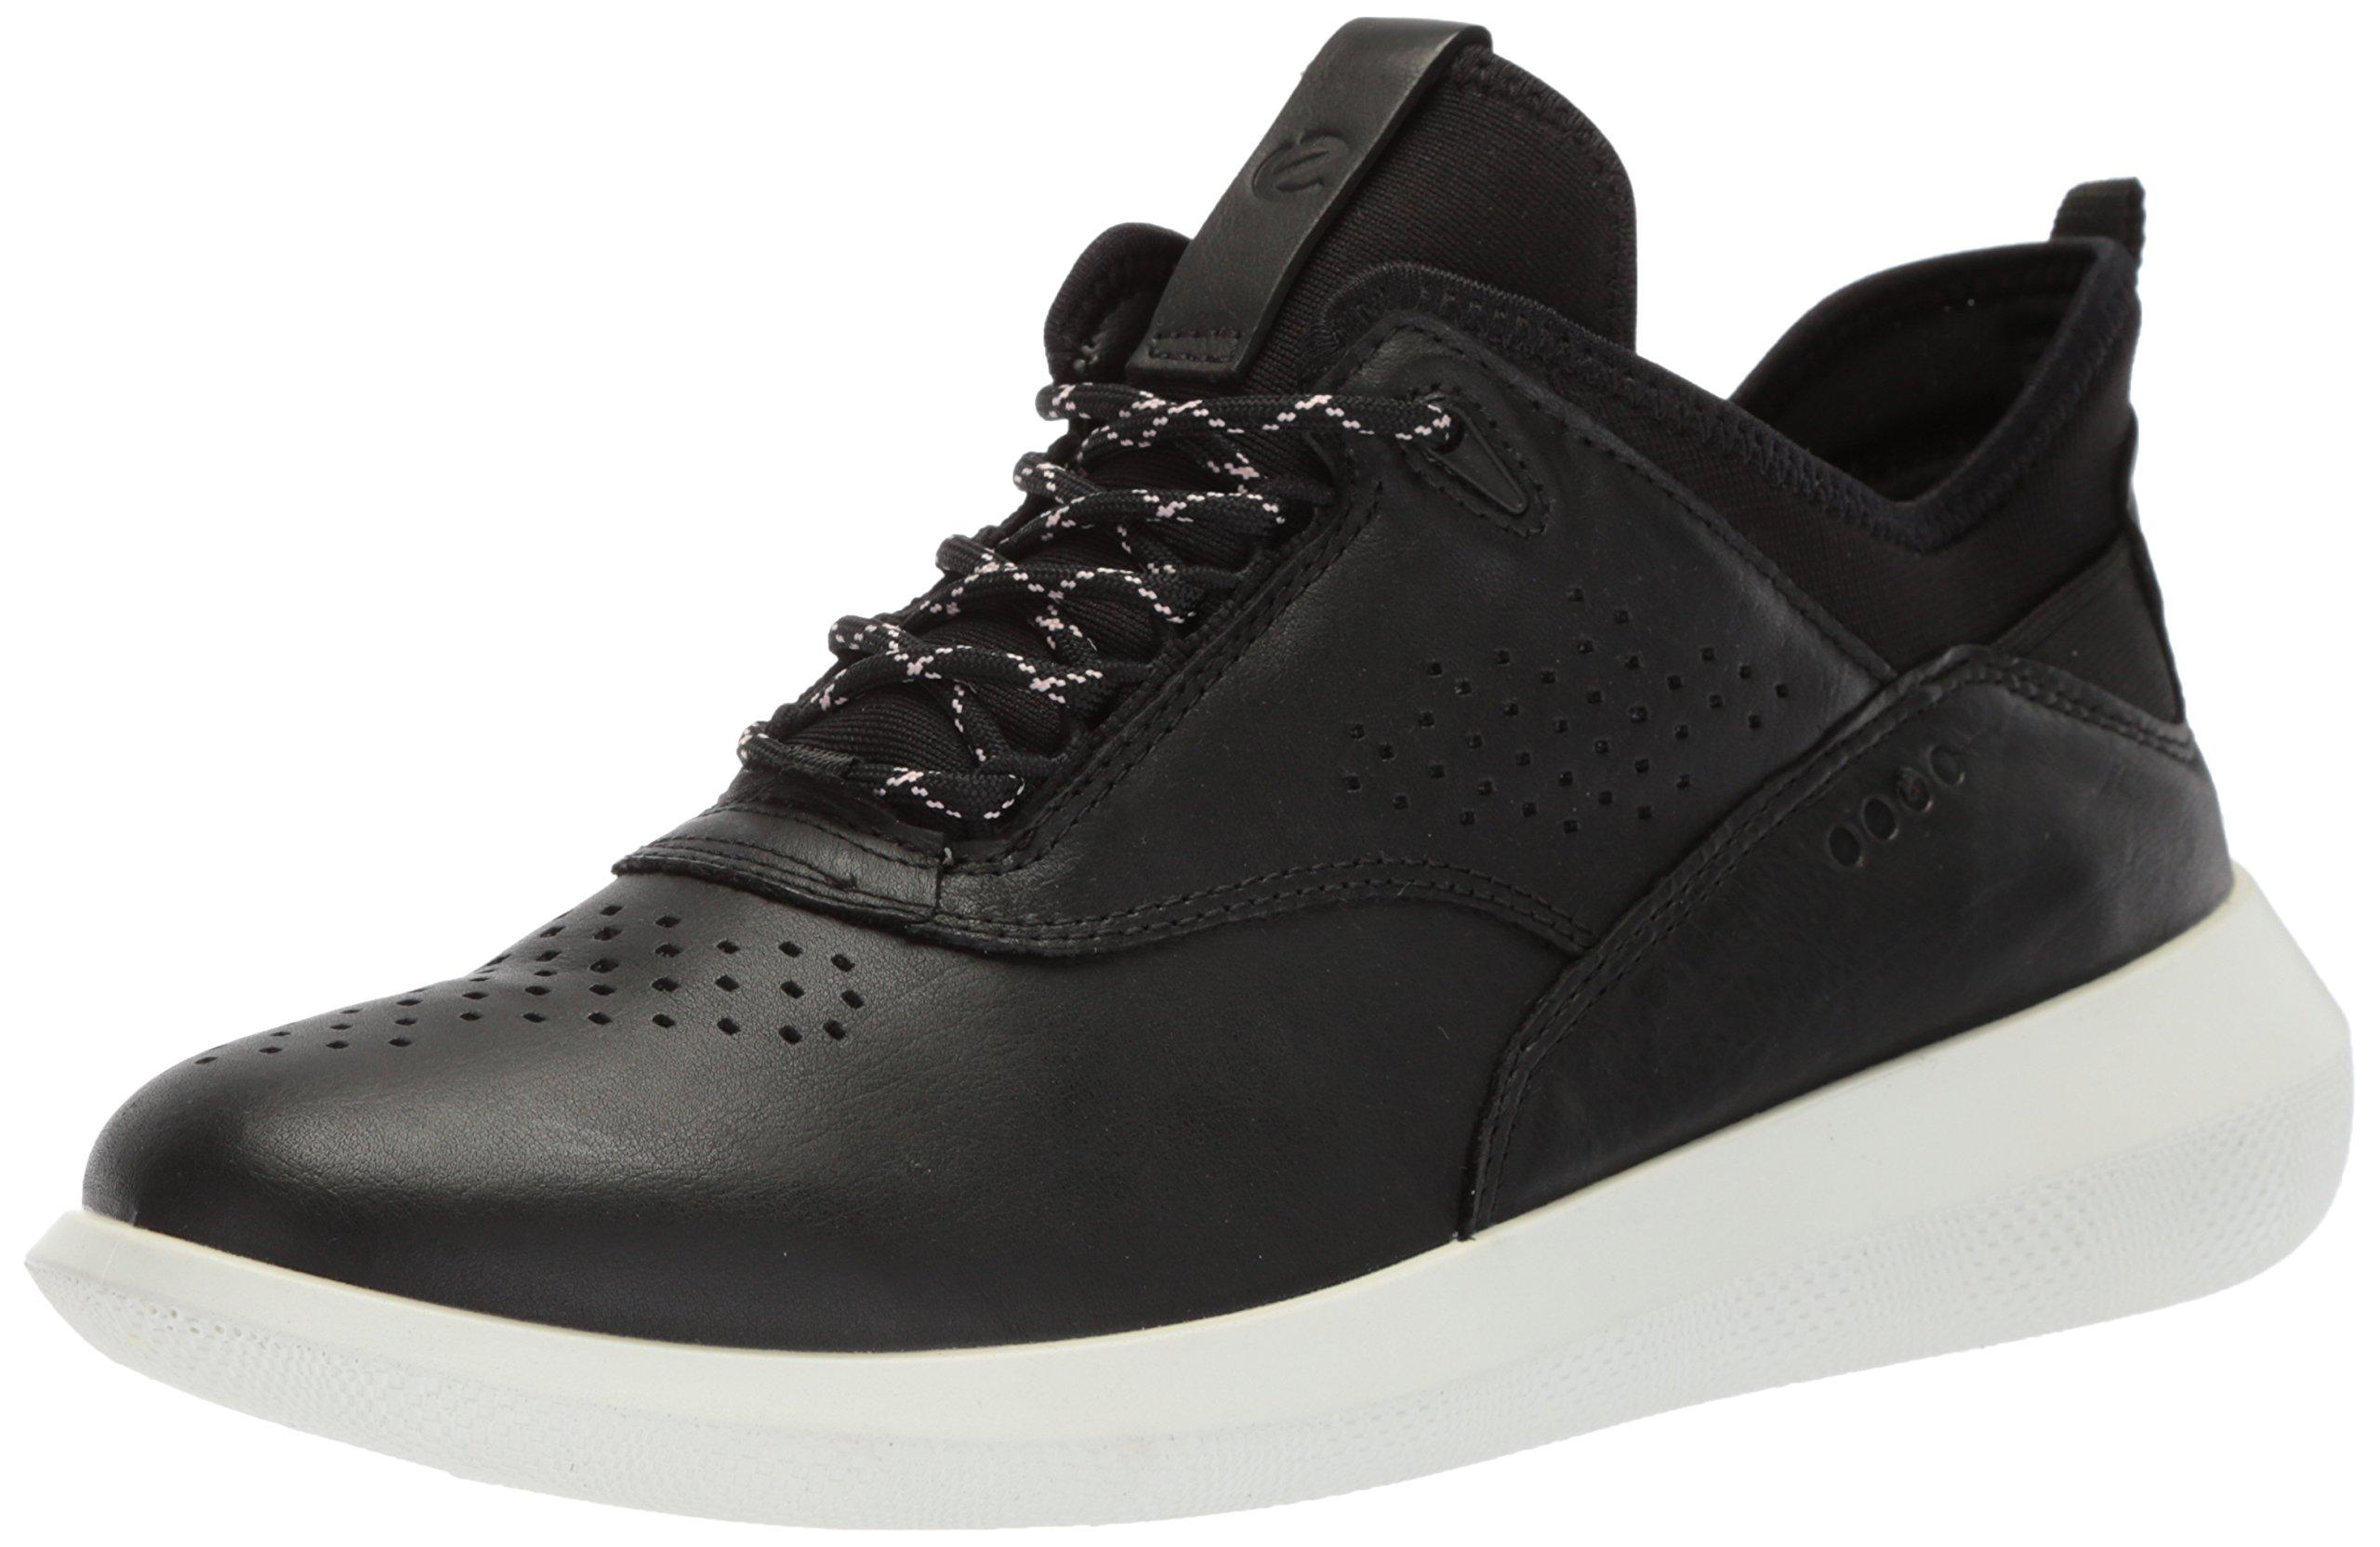 Basses FemmeNoirblack41 ScinapseSneakers Ecco Basses FemmeNoirblack41 Eu ScinapseSneakers Ecco 4Rqj35AL